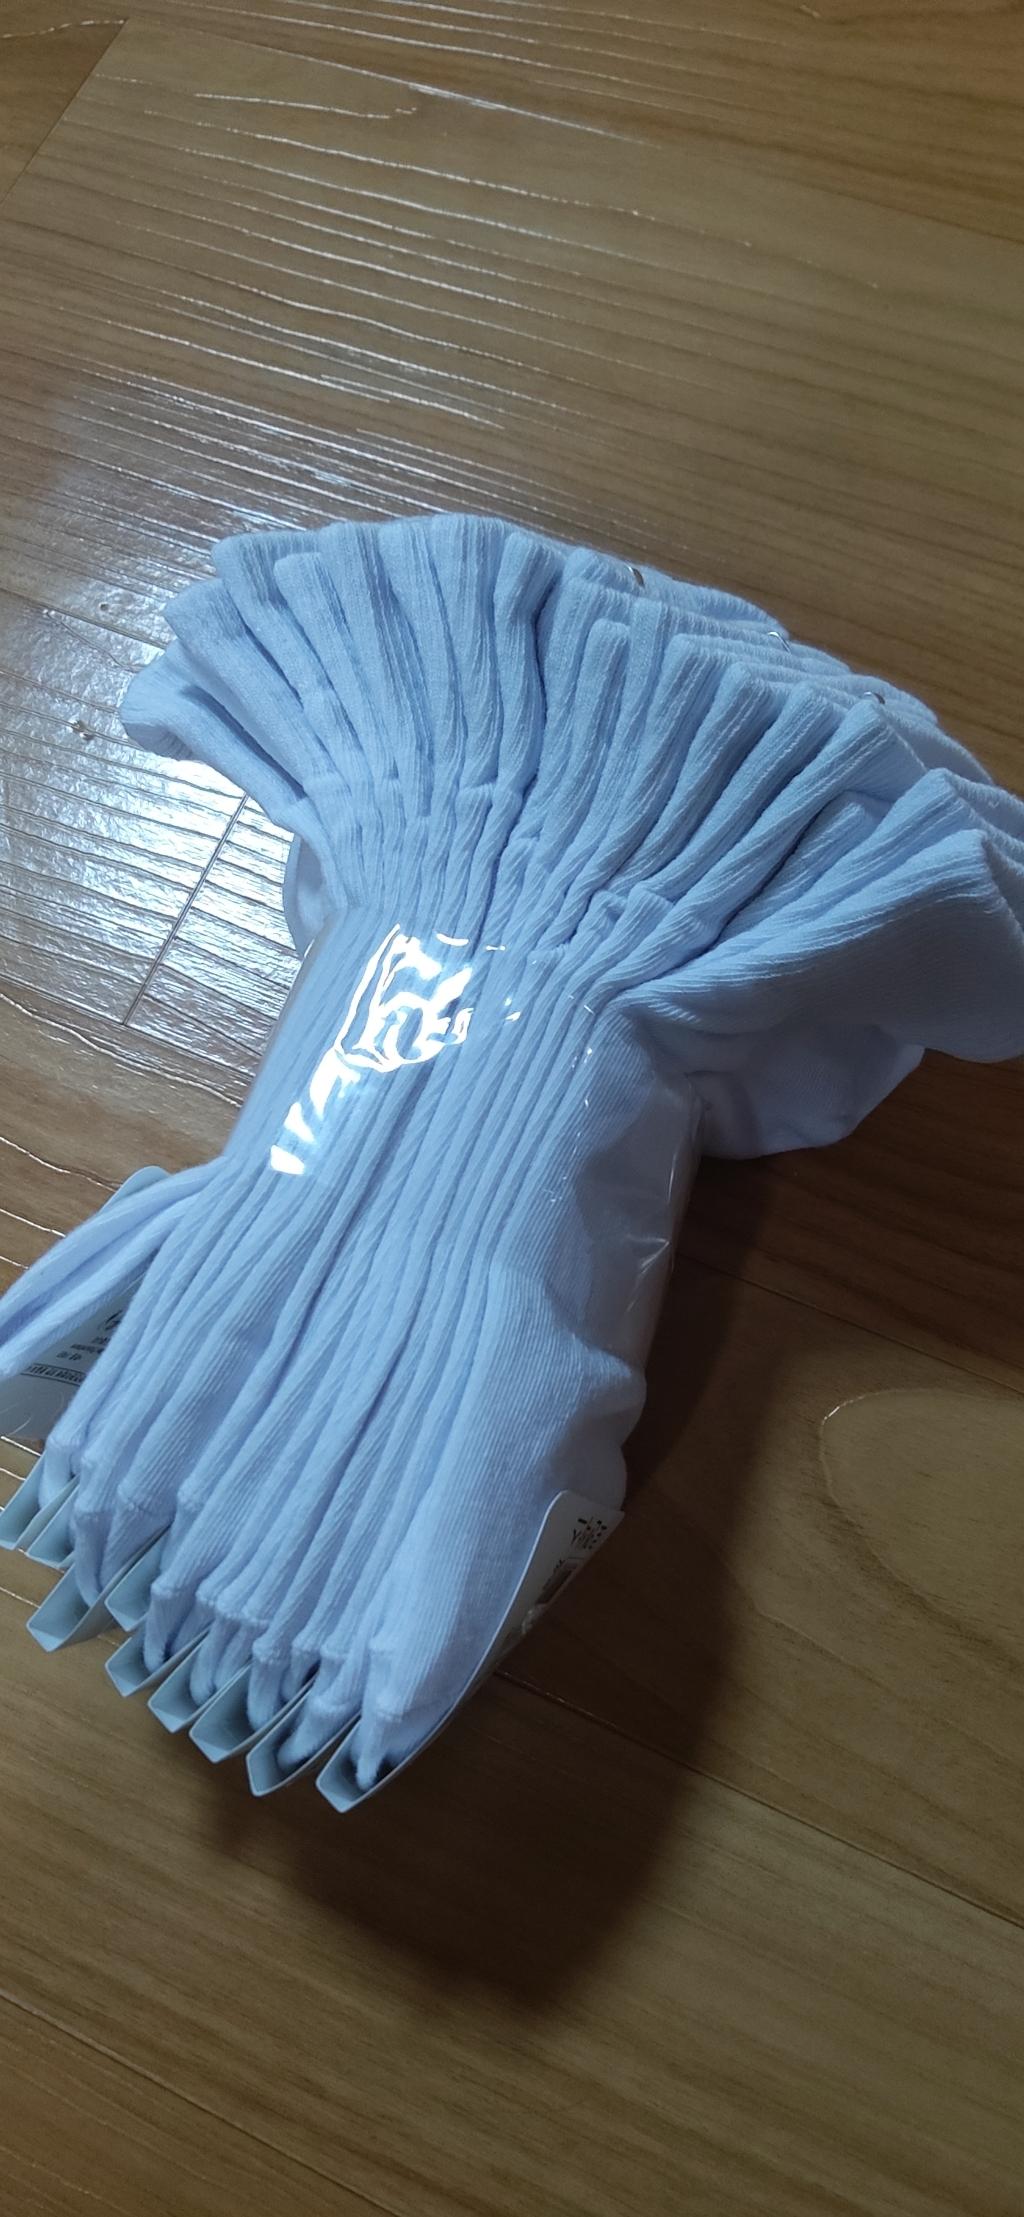 네이처삭스 남여 베이직학생양말 10켤레세트  리뷰 후기